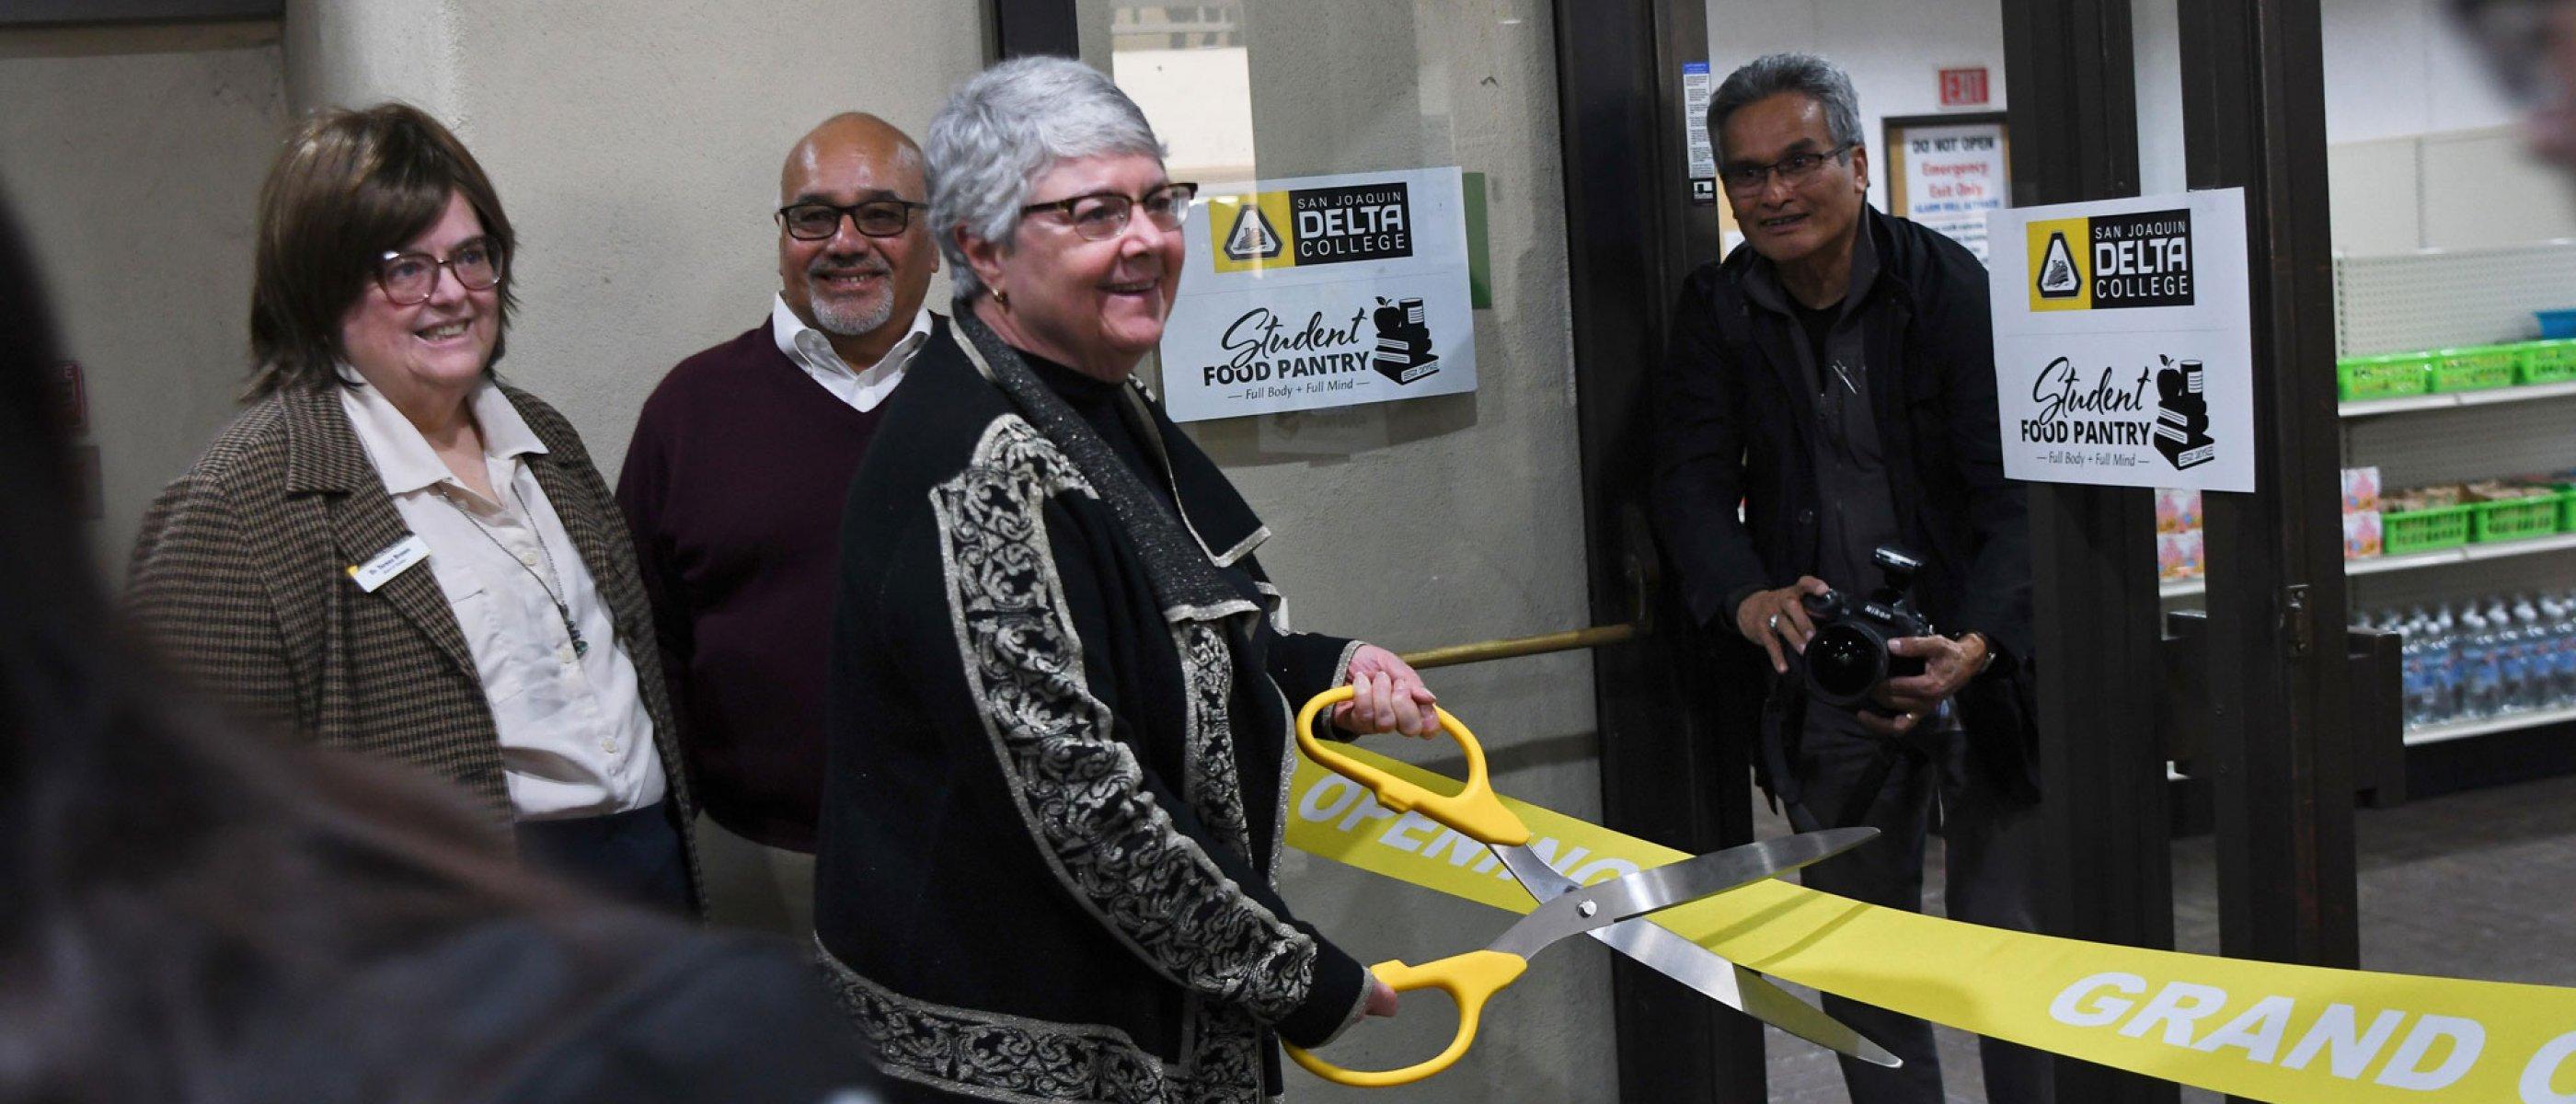 Kathy Hart cuts the ribbon at the Food Pantry Grand Opening